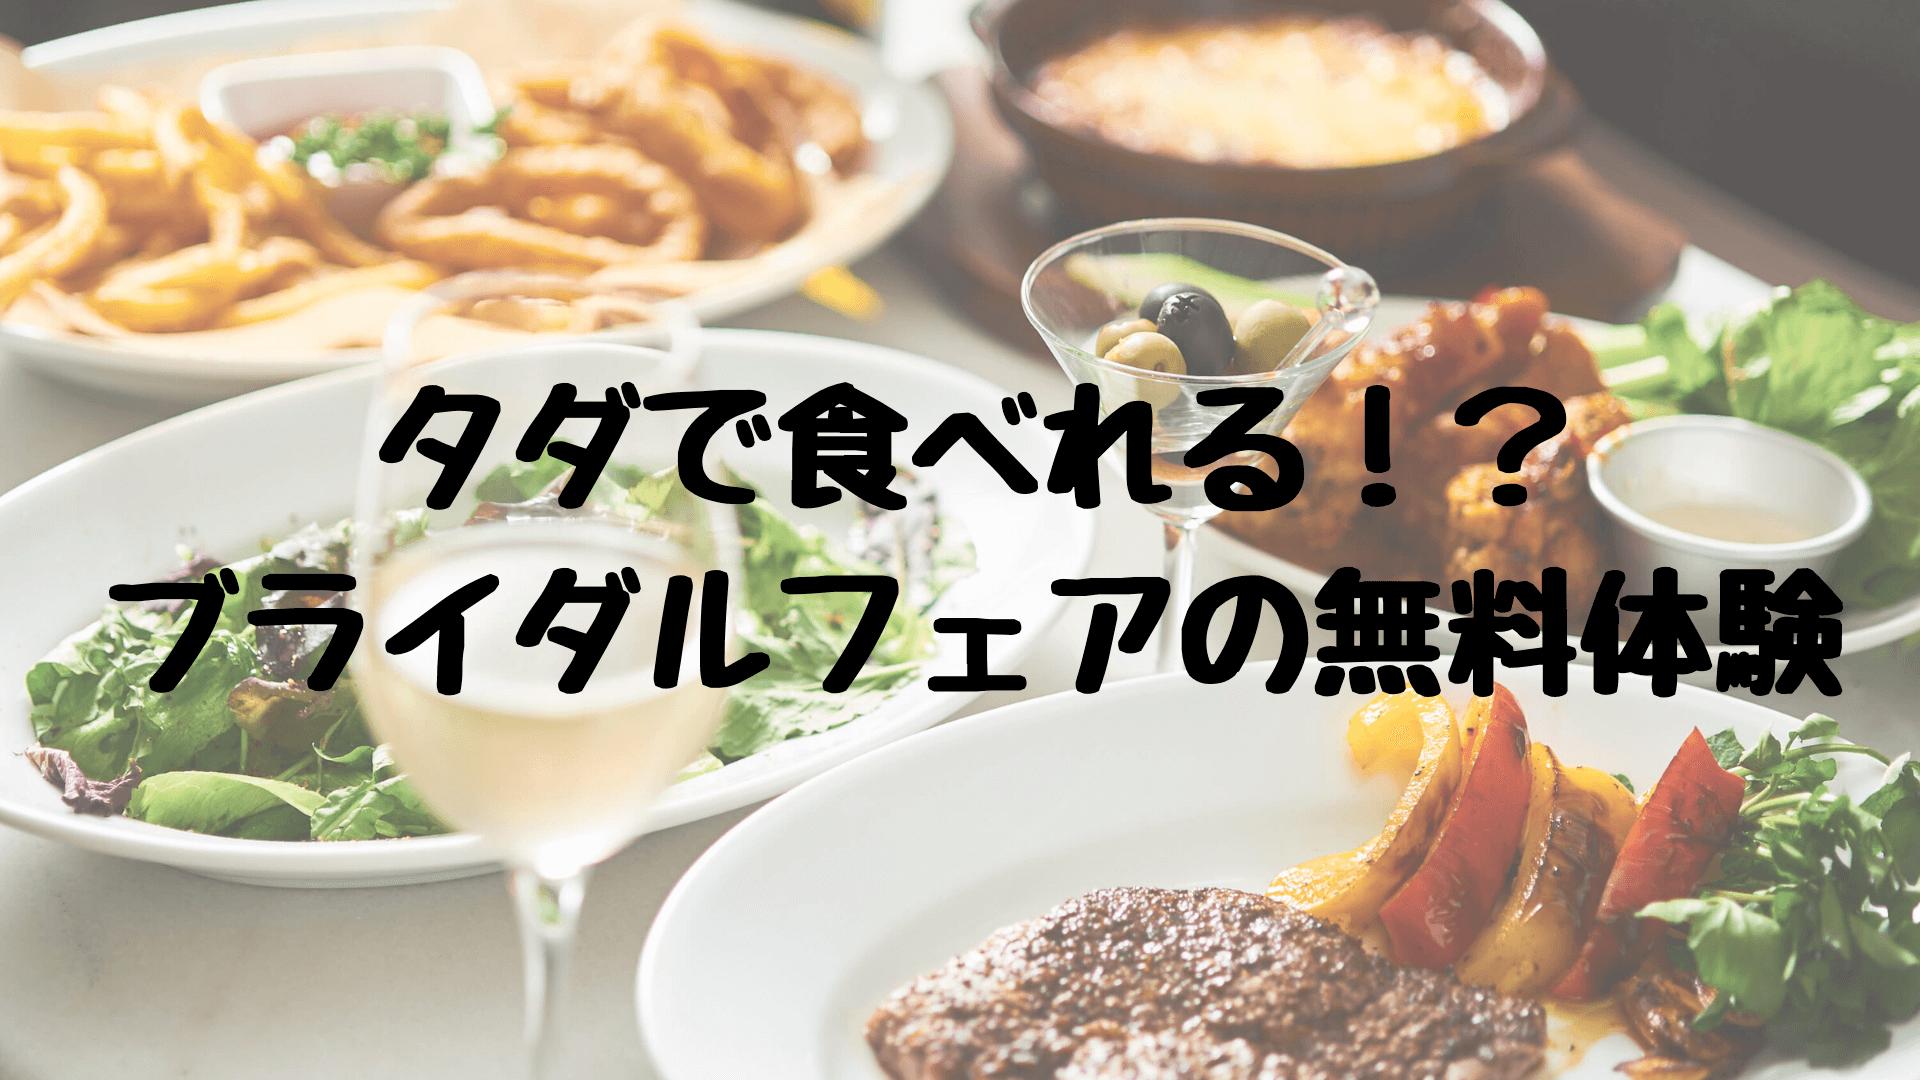 無料でコース料理が食べられるブライダルフェアを紹介している画像